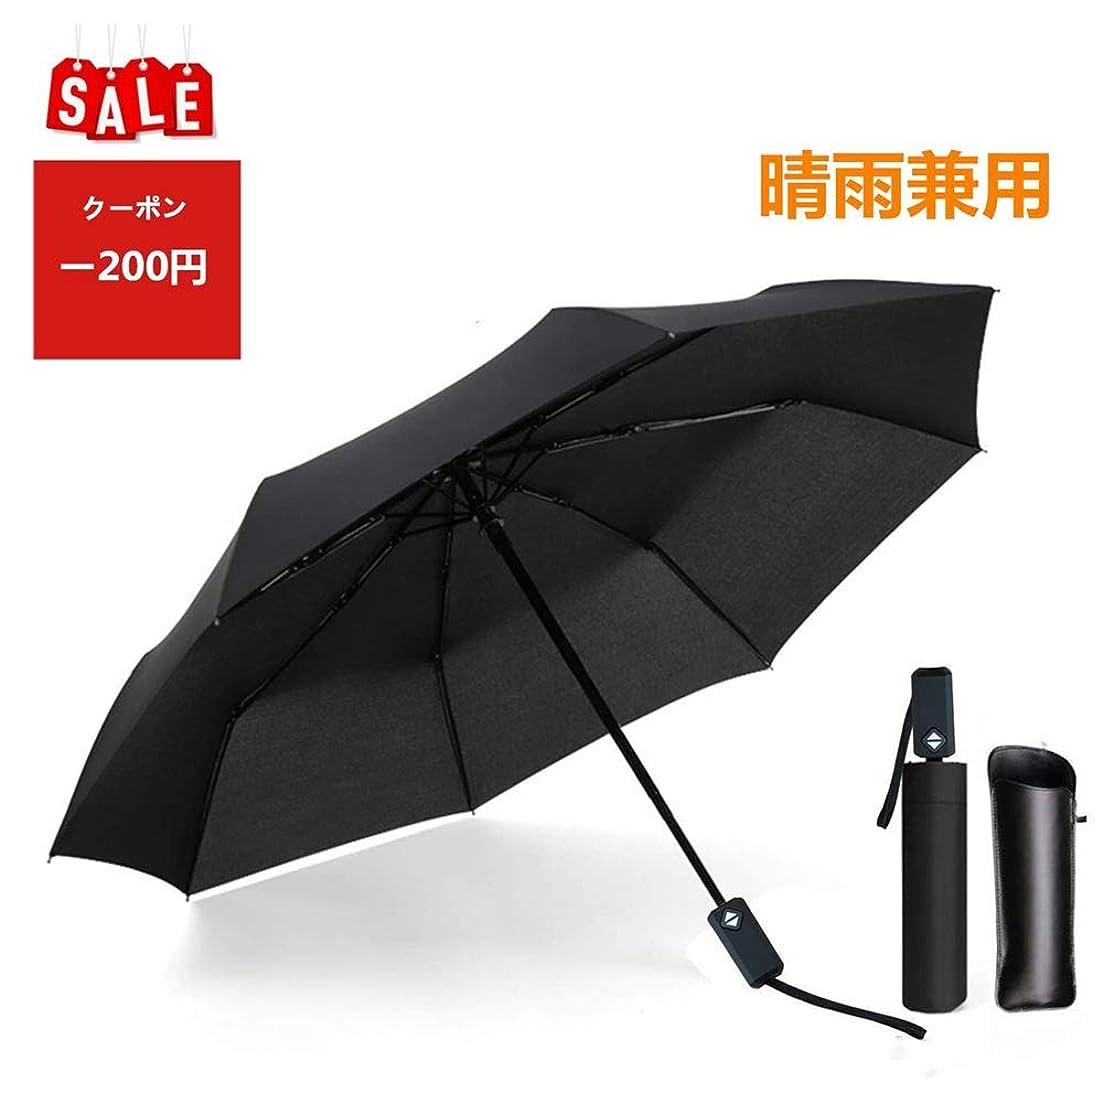 ロータリー分離元に戻すCozyone 折りたたみ傘 日傘 メンズ  超軽量 晴雨兼用  遮熱効果 UVカット率99.9% 紫外線対策 自動開閉 8本骨 男女兼用